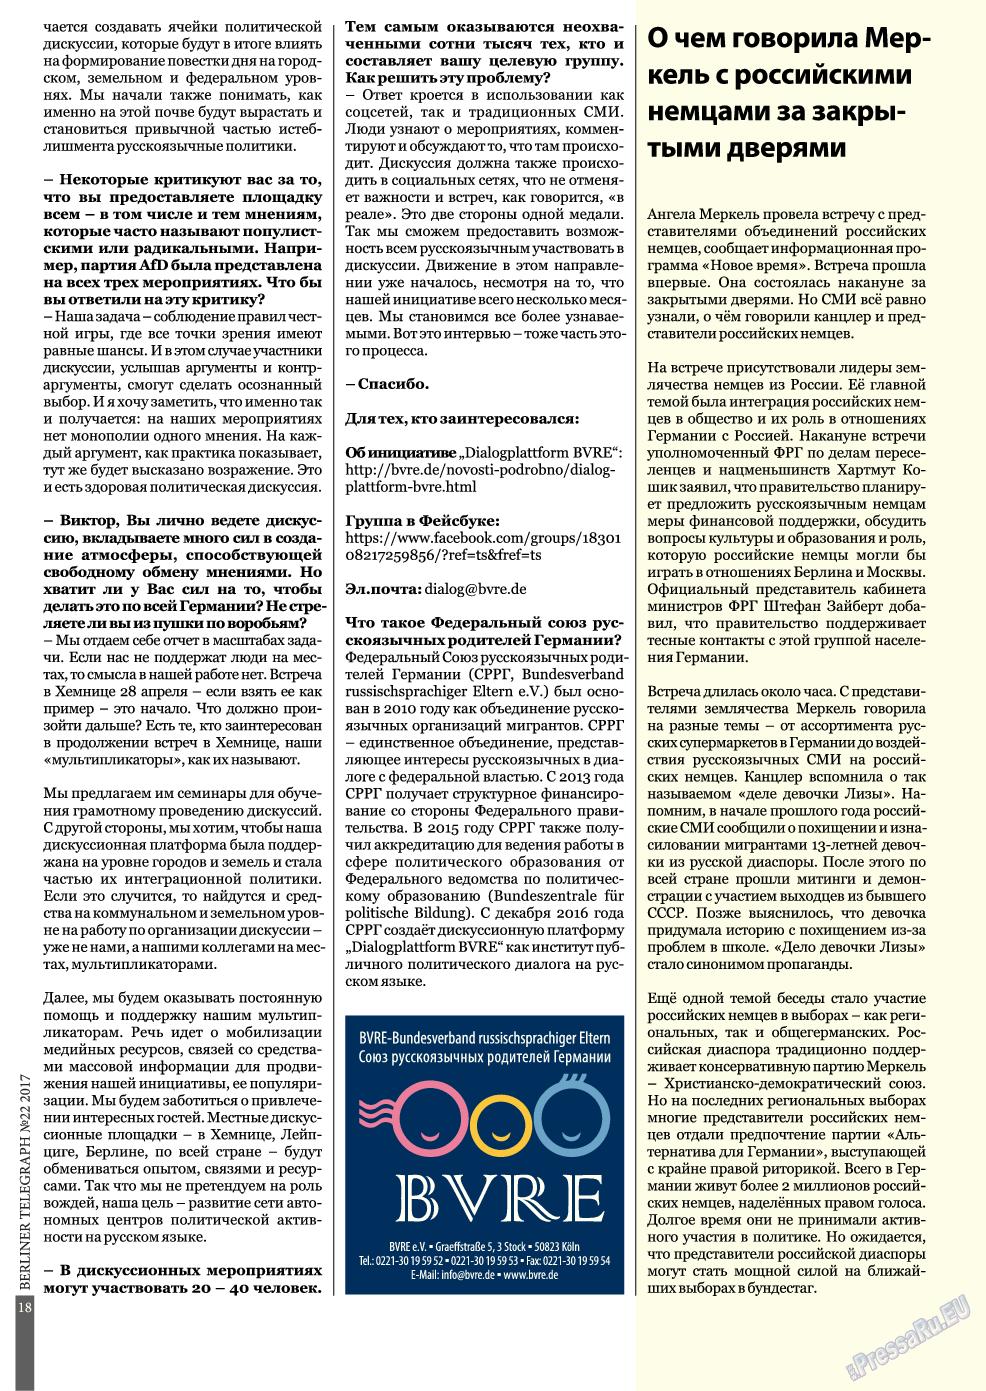 Берлинский телеграф (журнал). 2017 год, номер 22, стр. 18